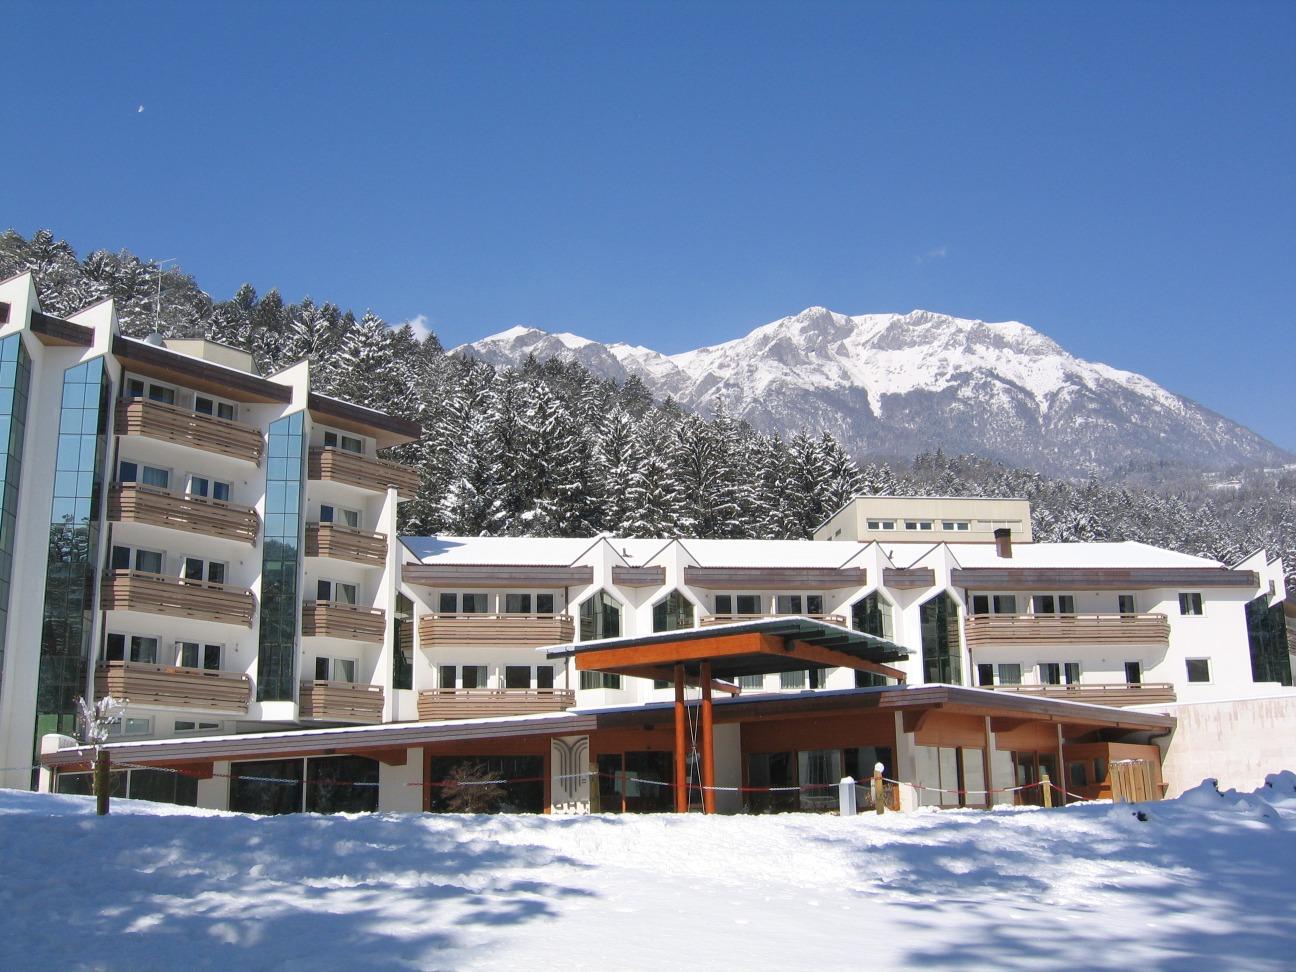 Grand Hotel Di Trento